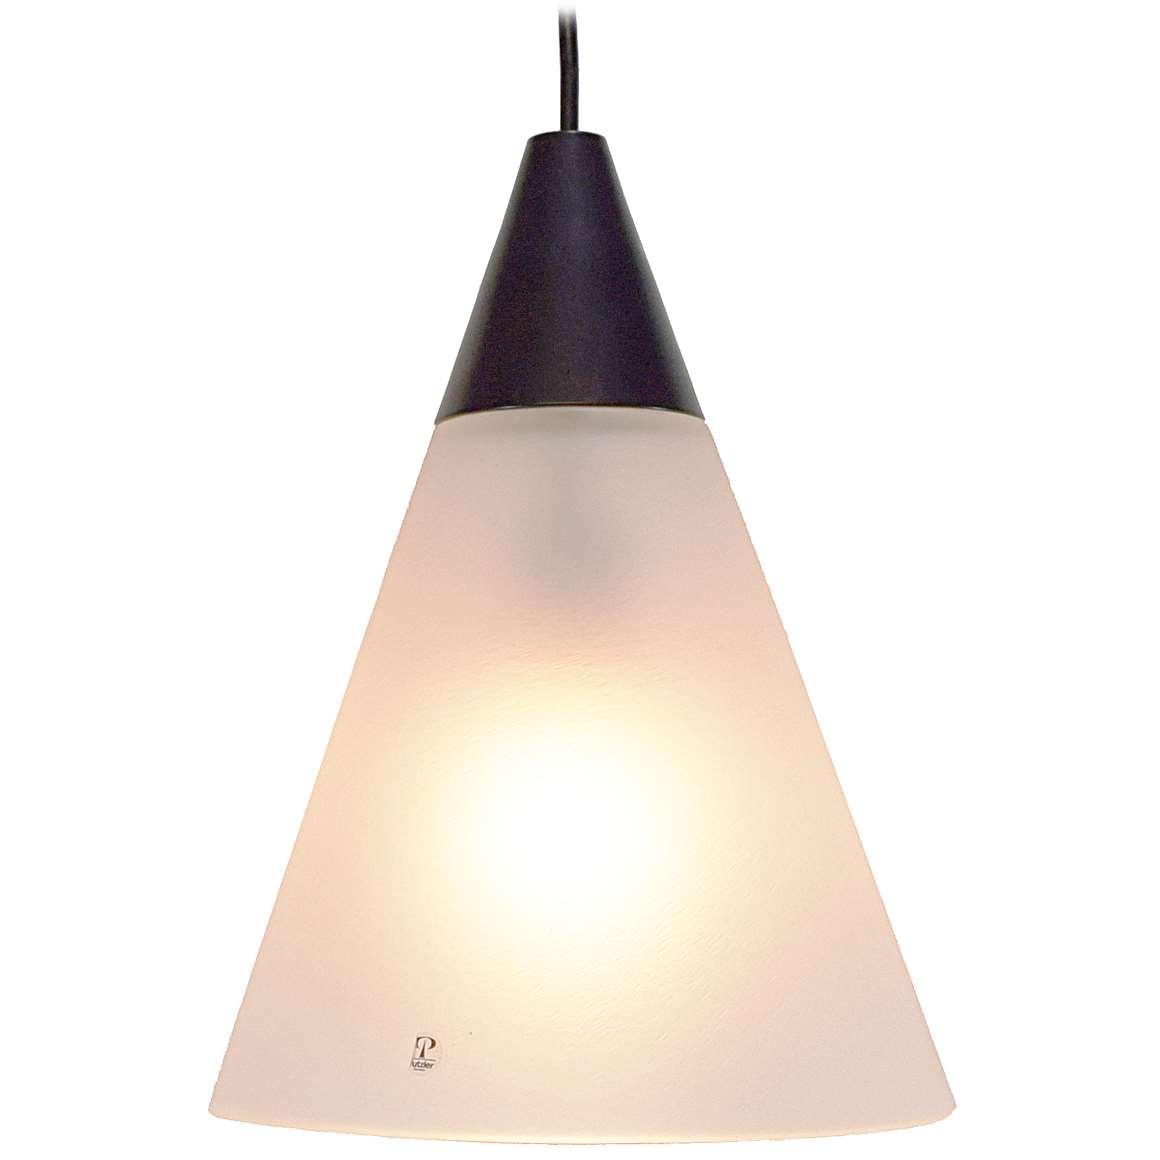 Peill + Putzler Pendant Lamp